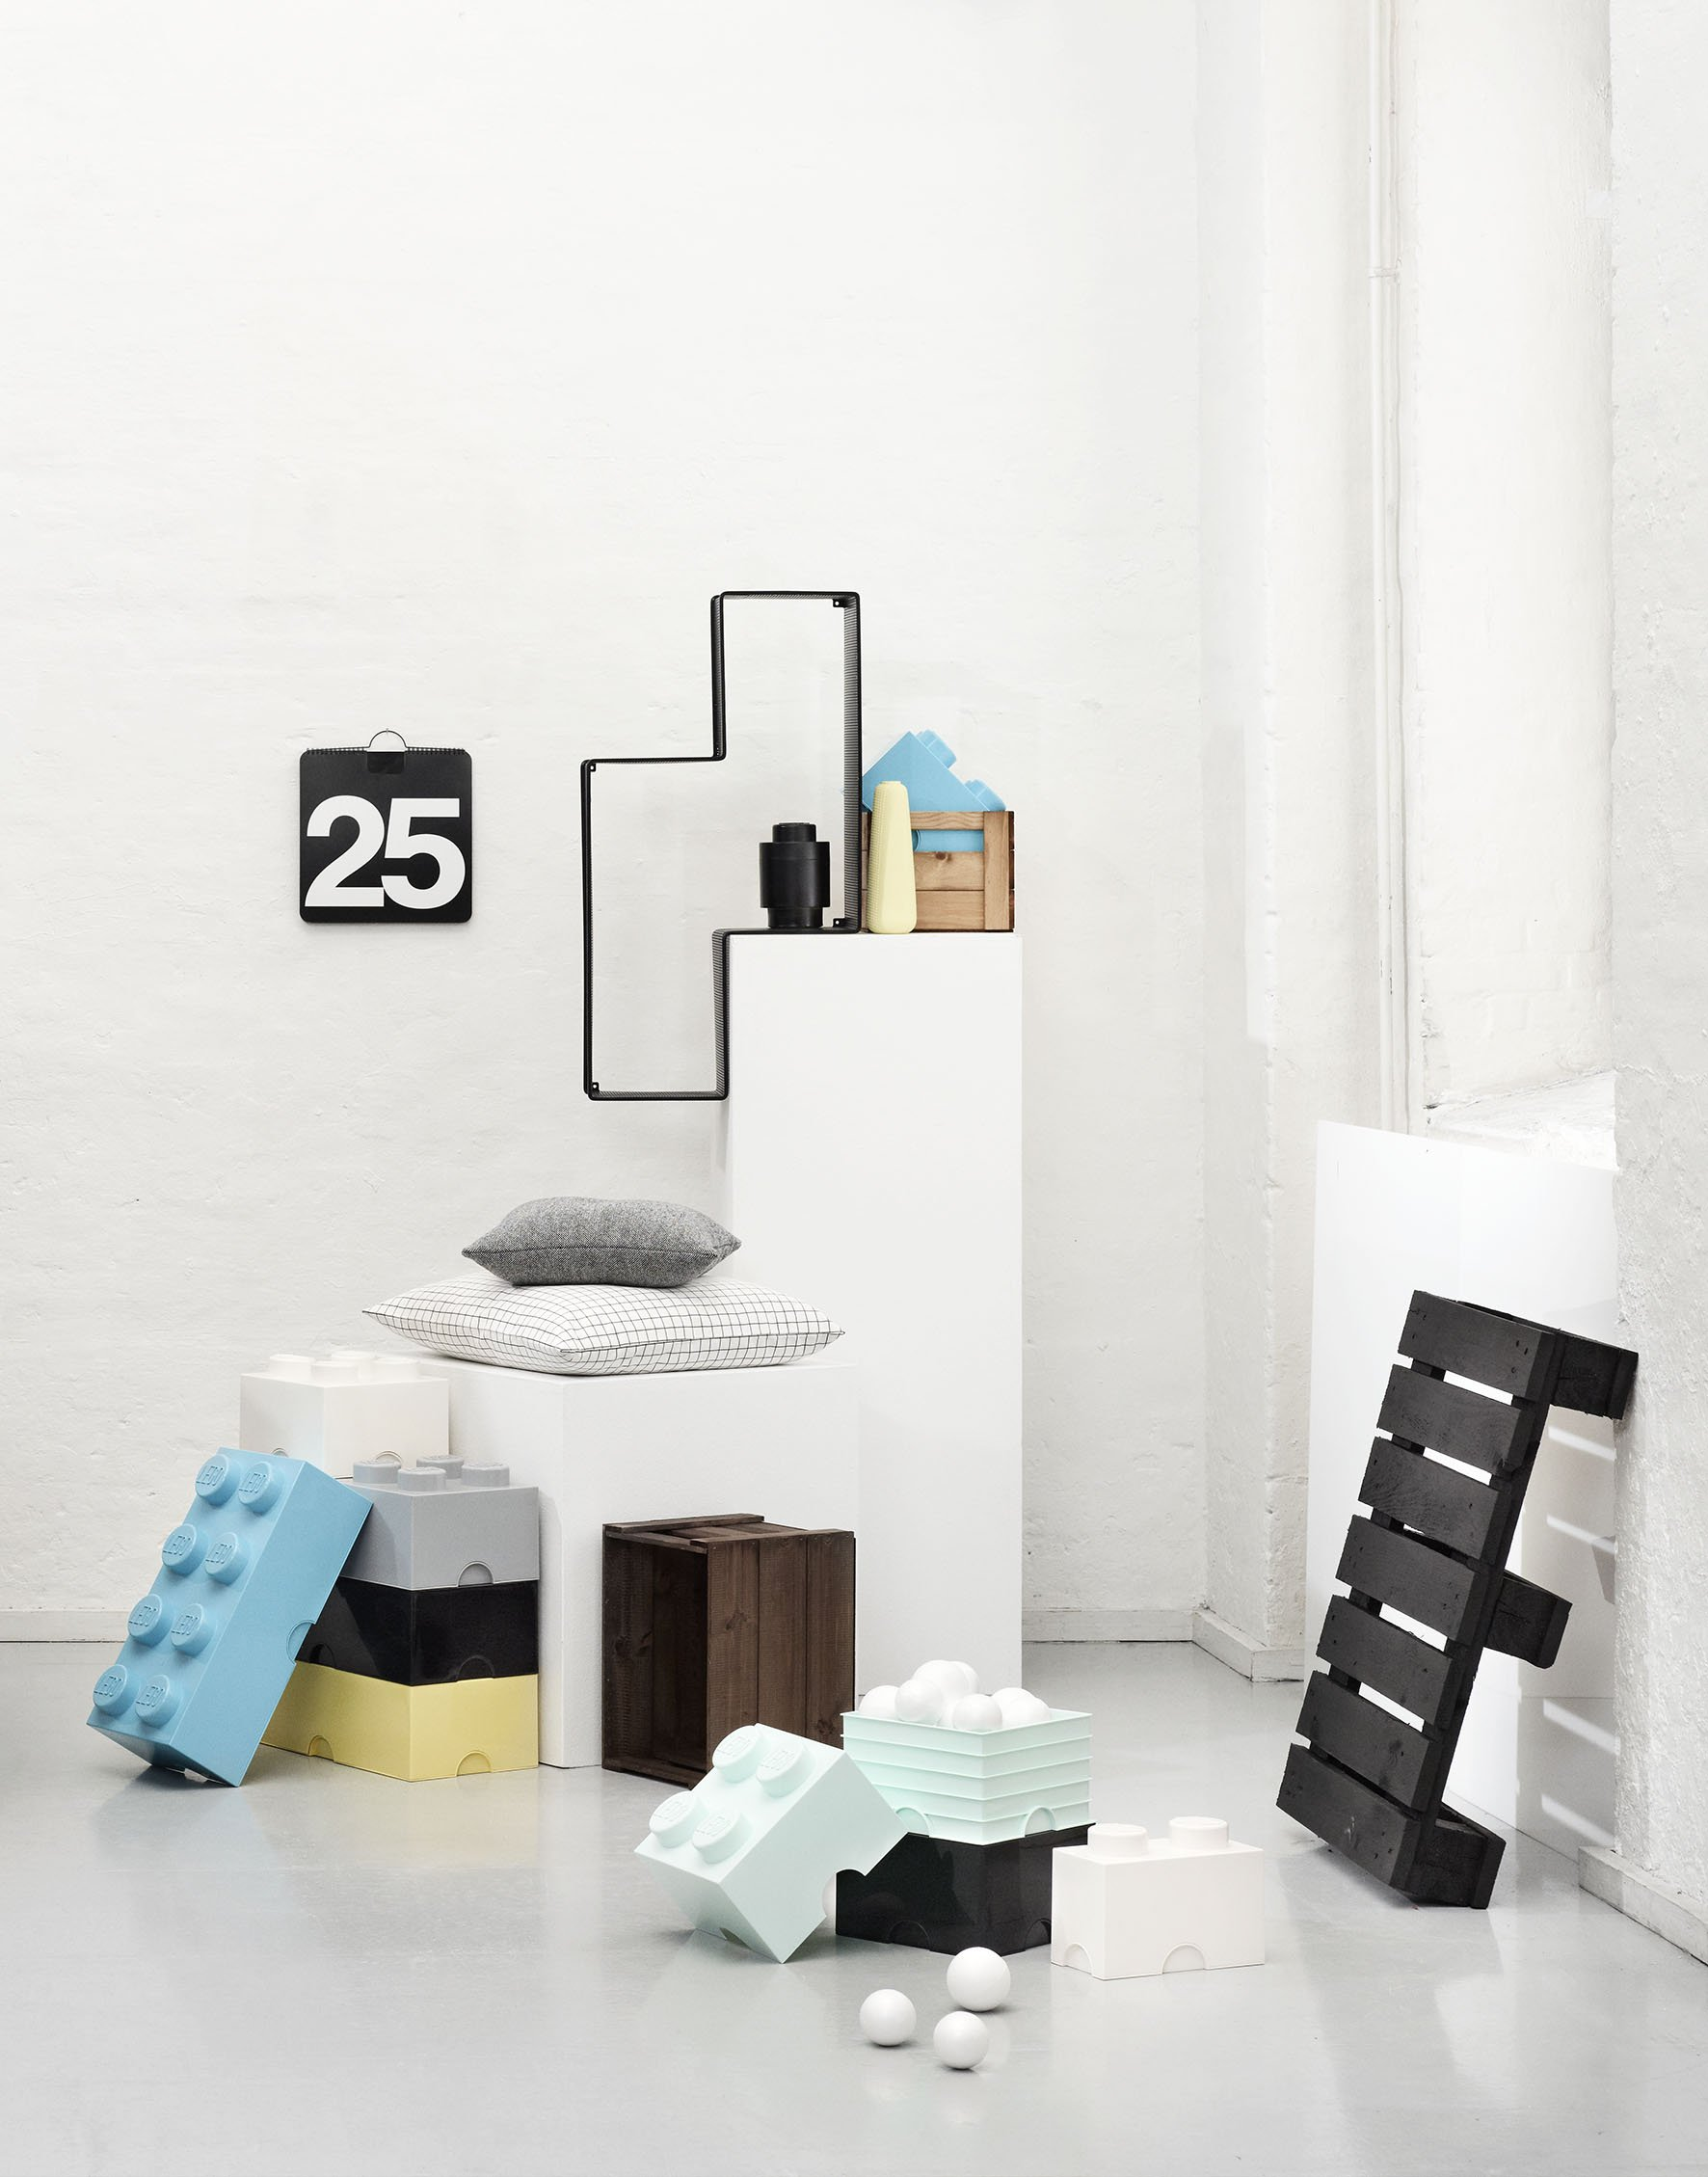 Mattoncino-contenitore Lego a 4 Bottoncini, Contenitore Impilabile, 5,7 Litri, Acqua & Lego Brick Mattoncino Bottoncini… 5 spesavip